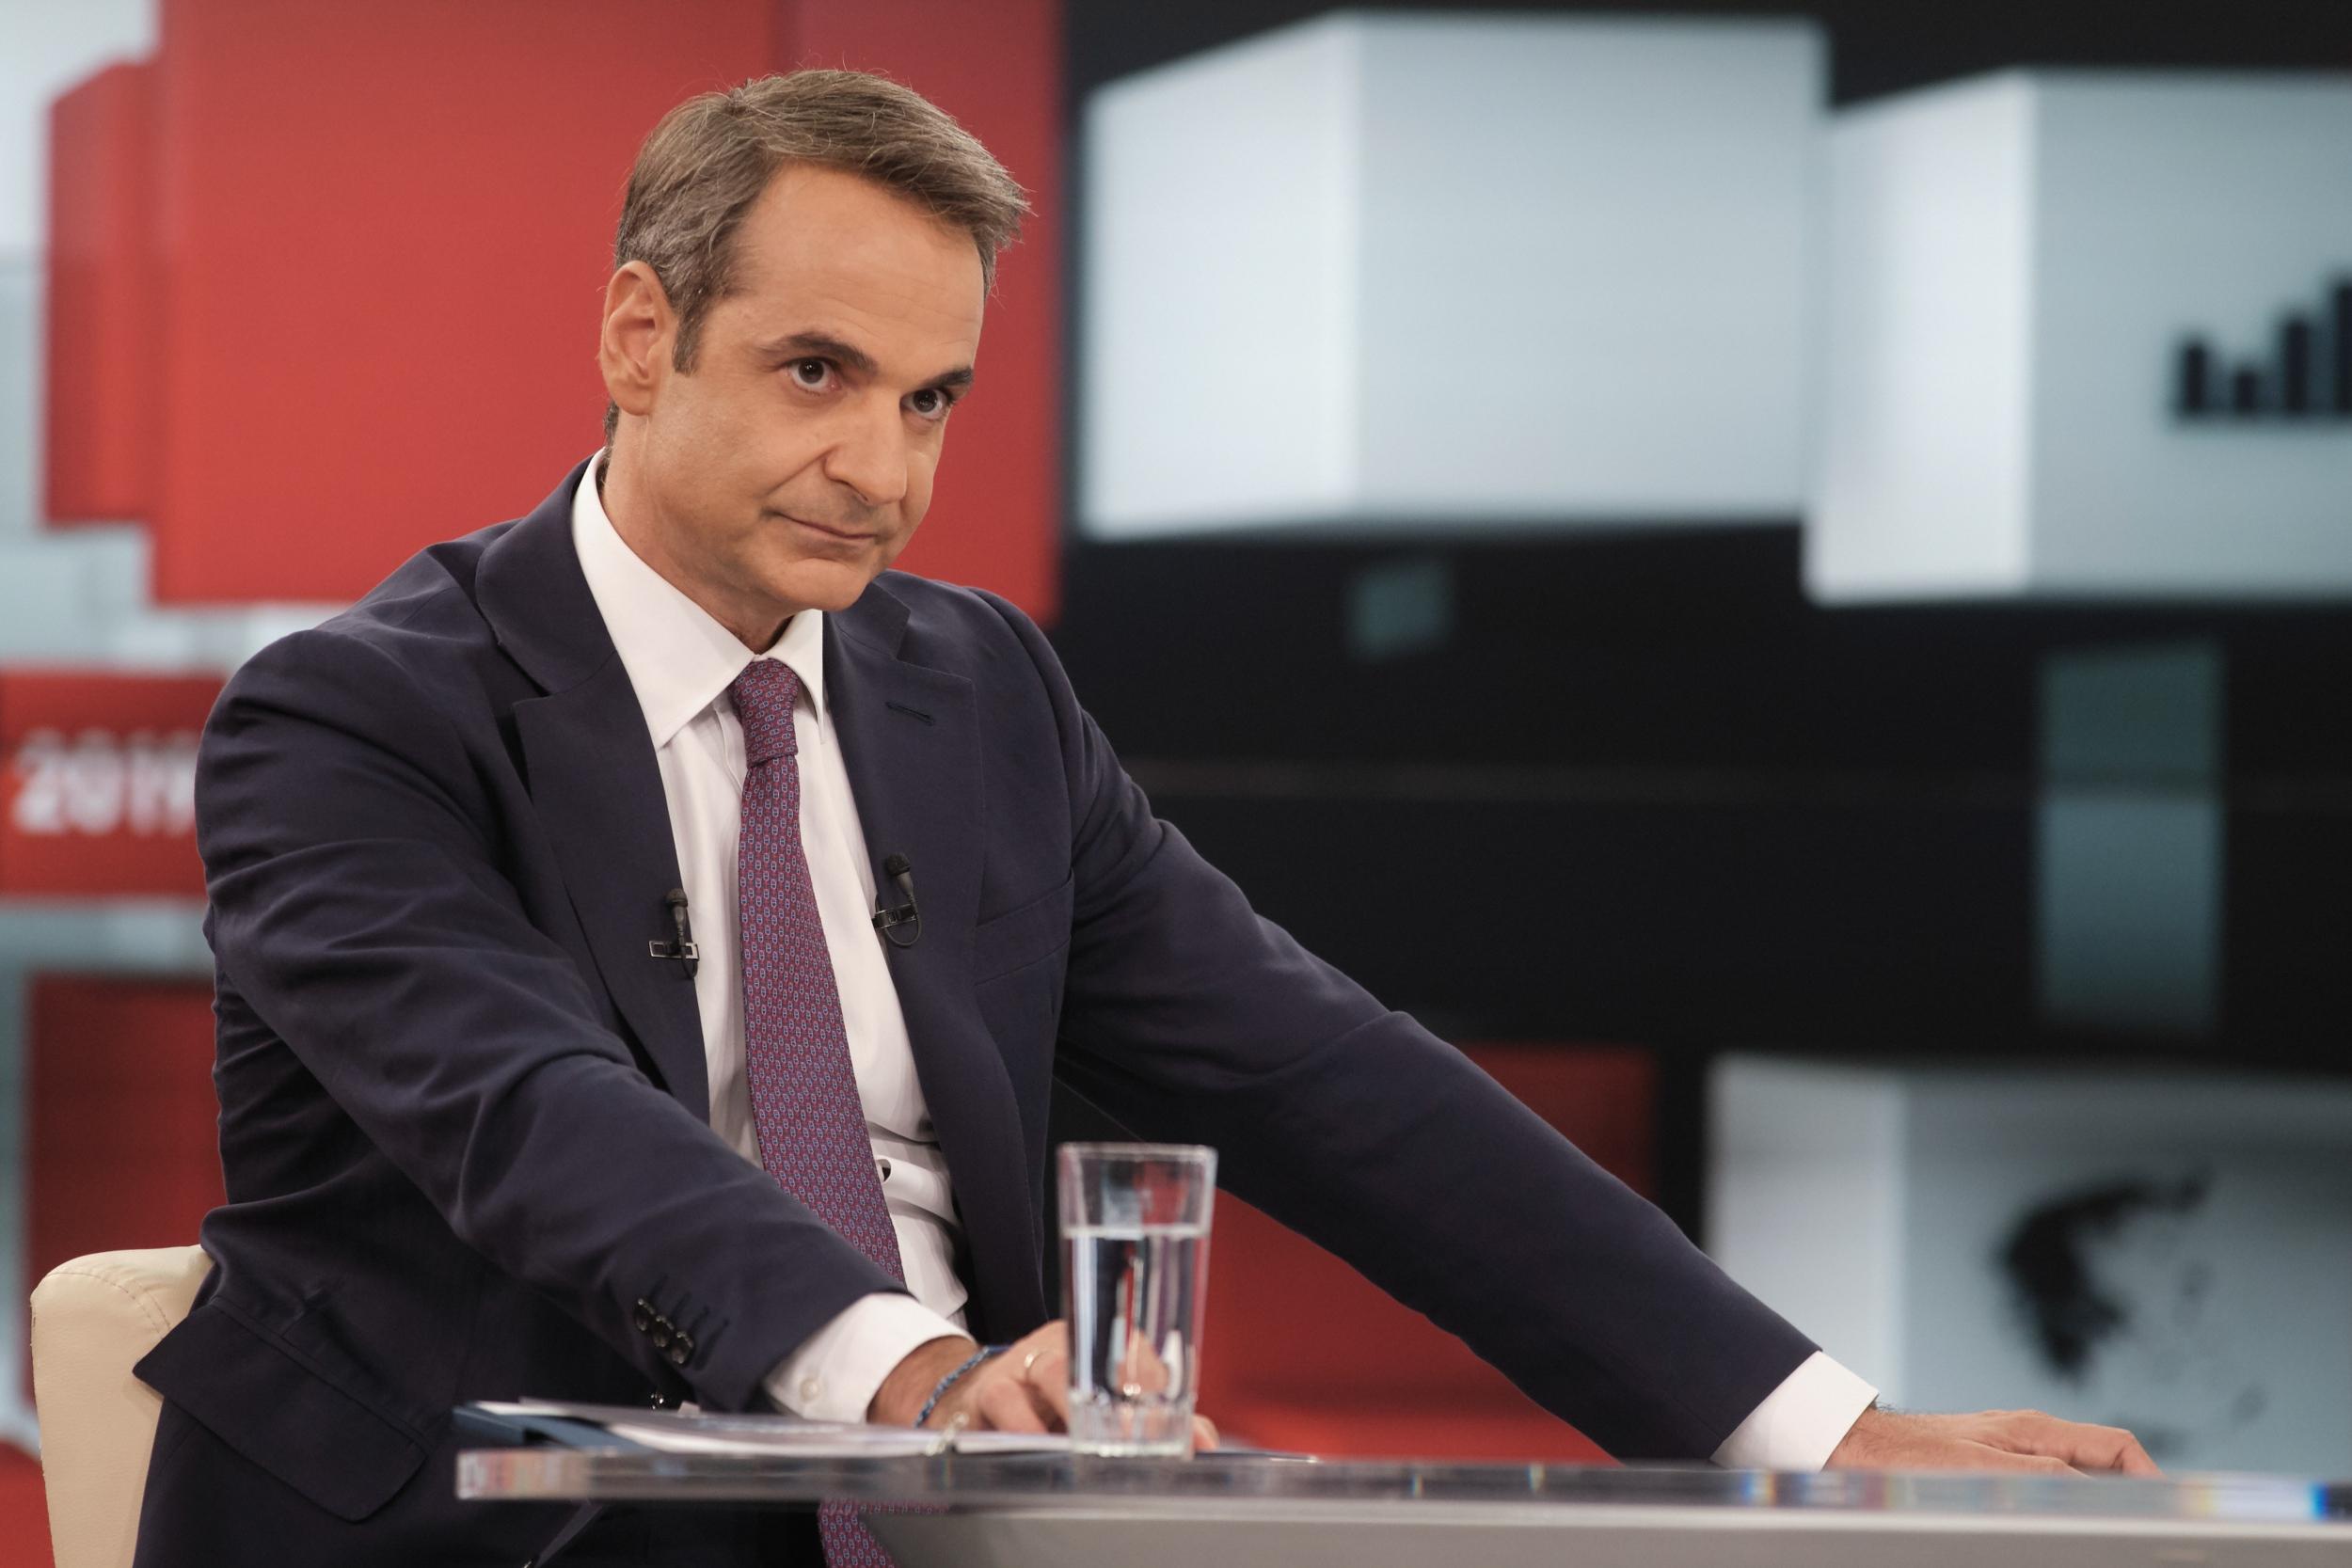 """Κάλεσμα Μητσοτάκη προς Ερντογάν για """"εξομάλυνση"""" των ελληνοτουρκικών σχέσεων σε Αιγαίο & Αν. Μεσόγειο"""